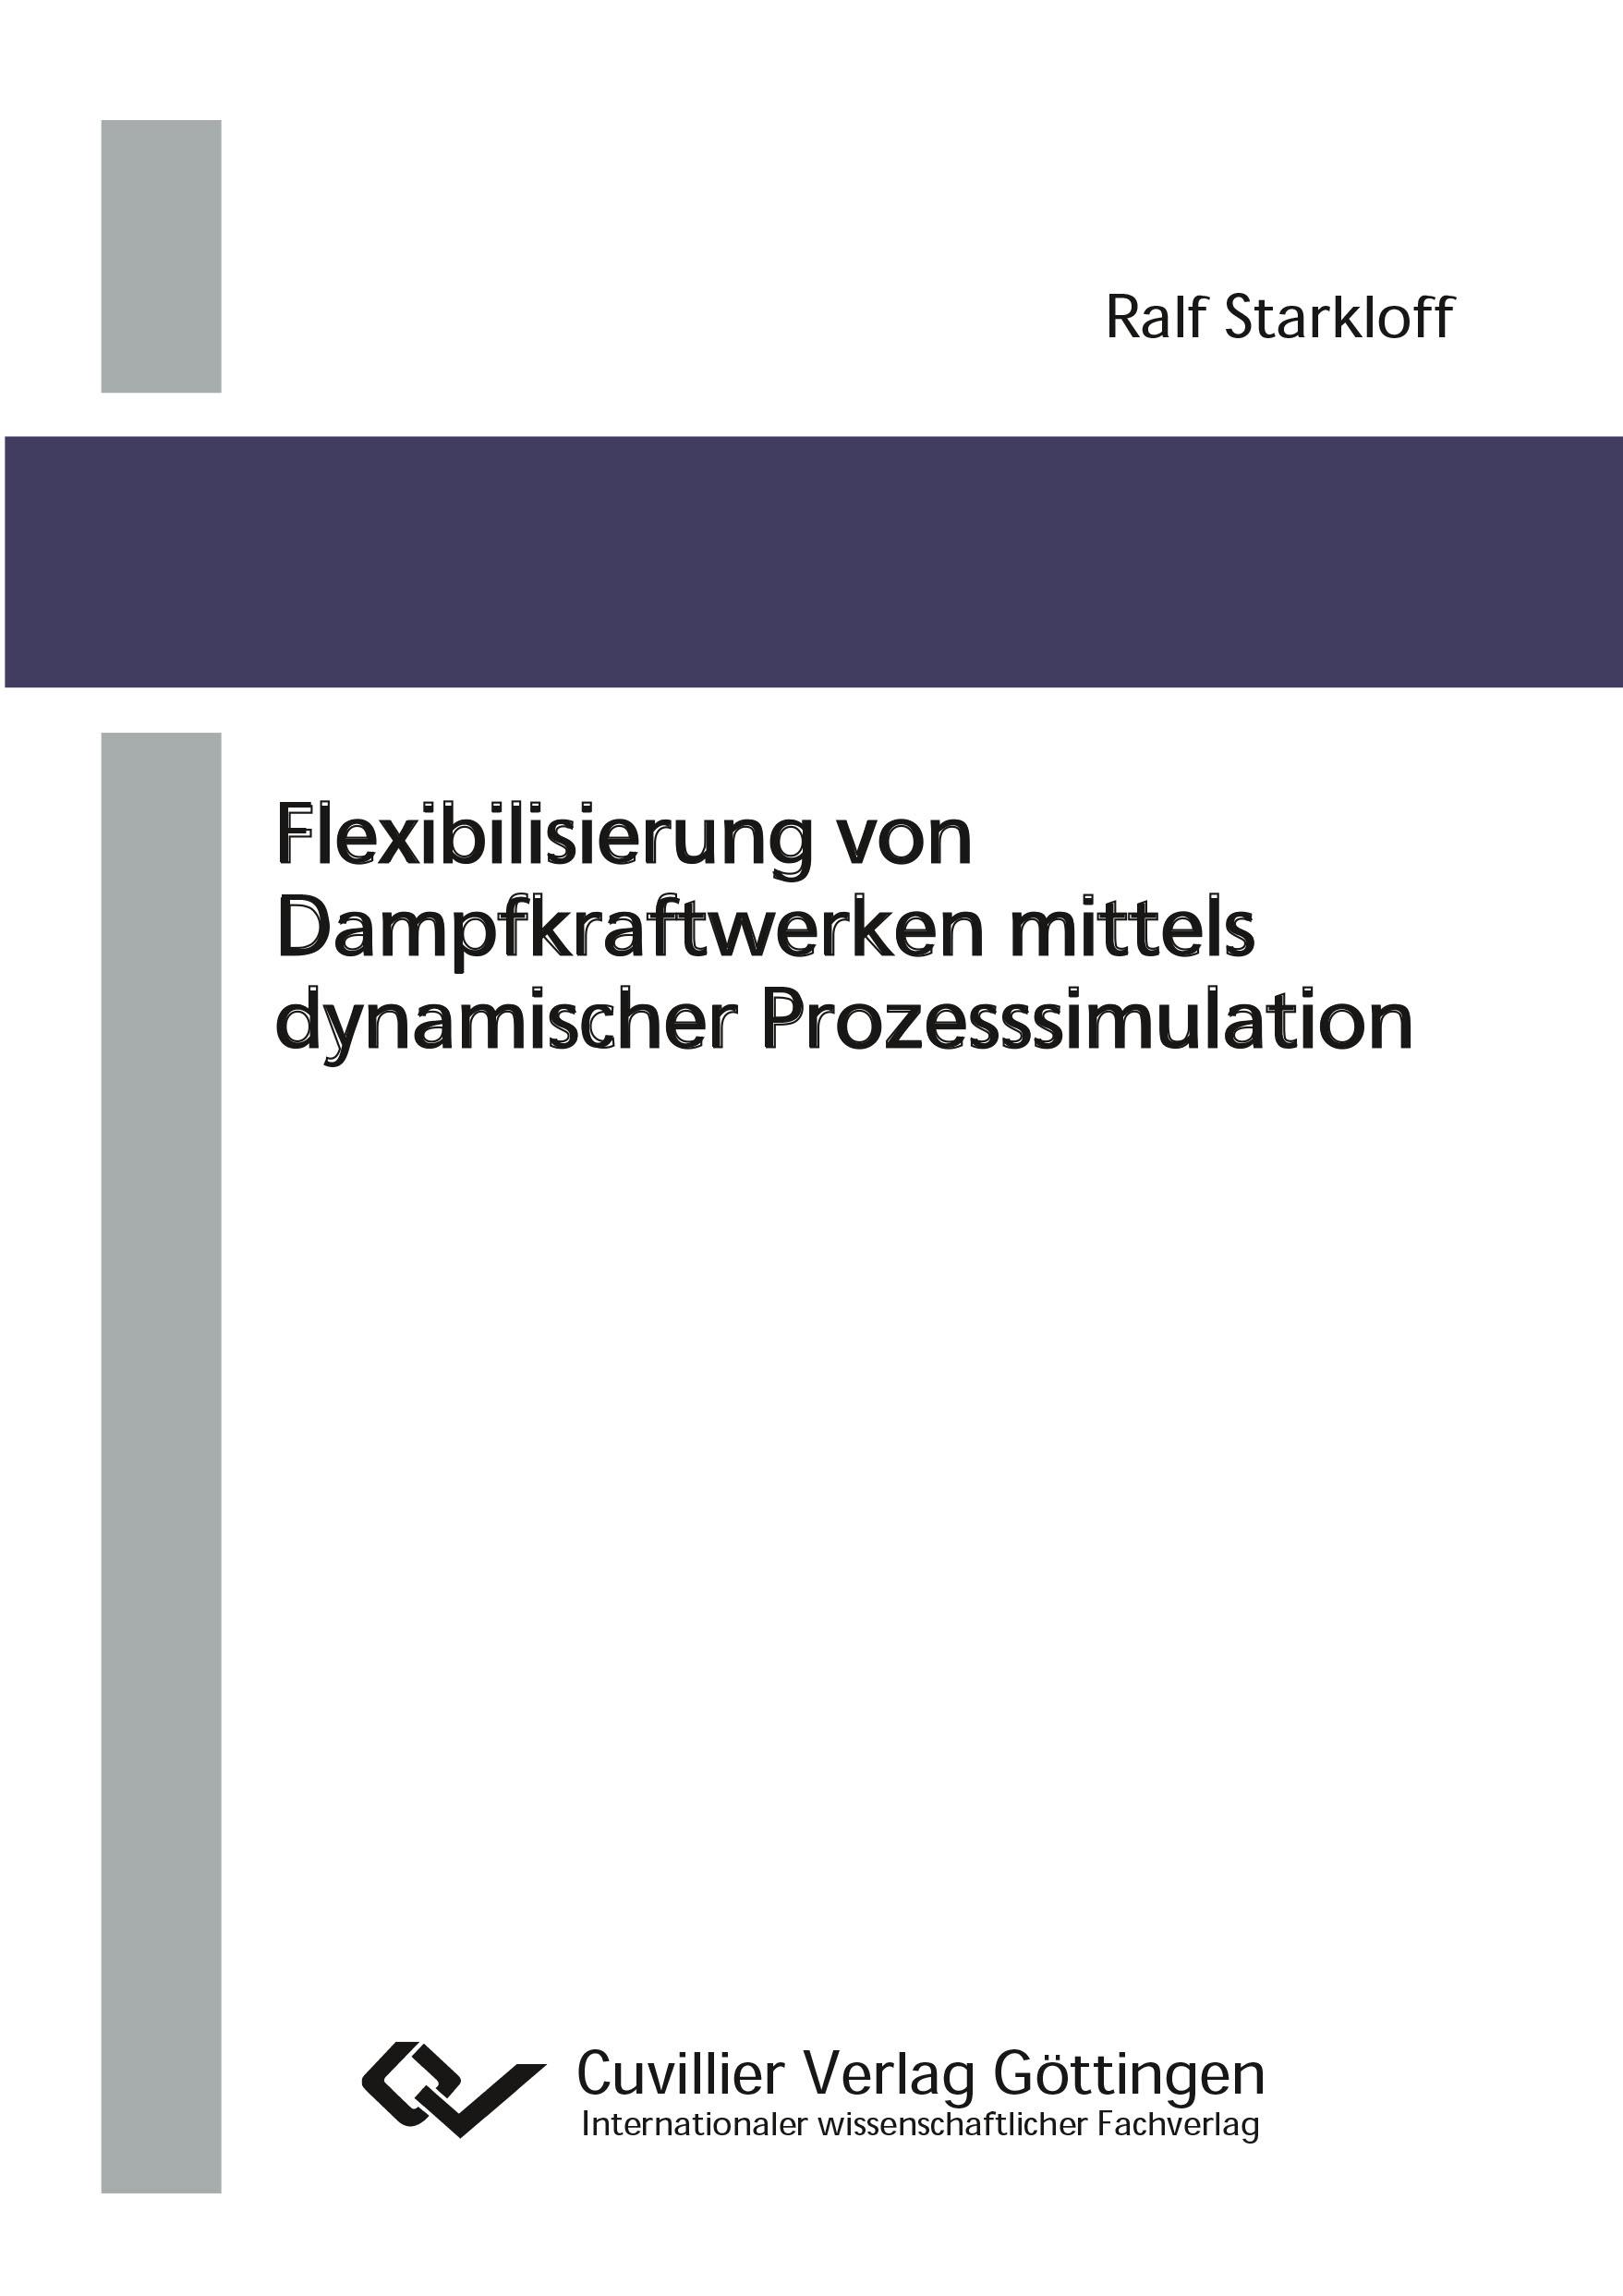 Flexibilisierung von Dampfkraftwerken mittels dynamischer Prozesssimulation ...